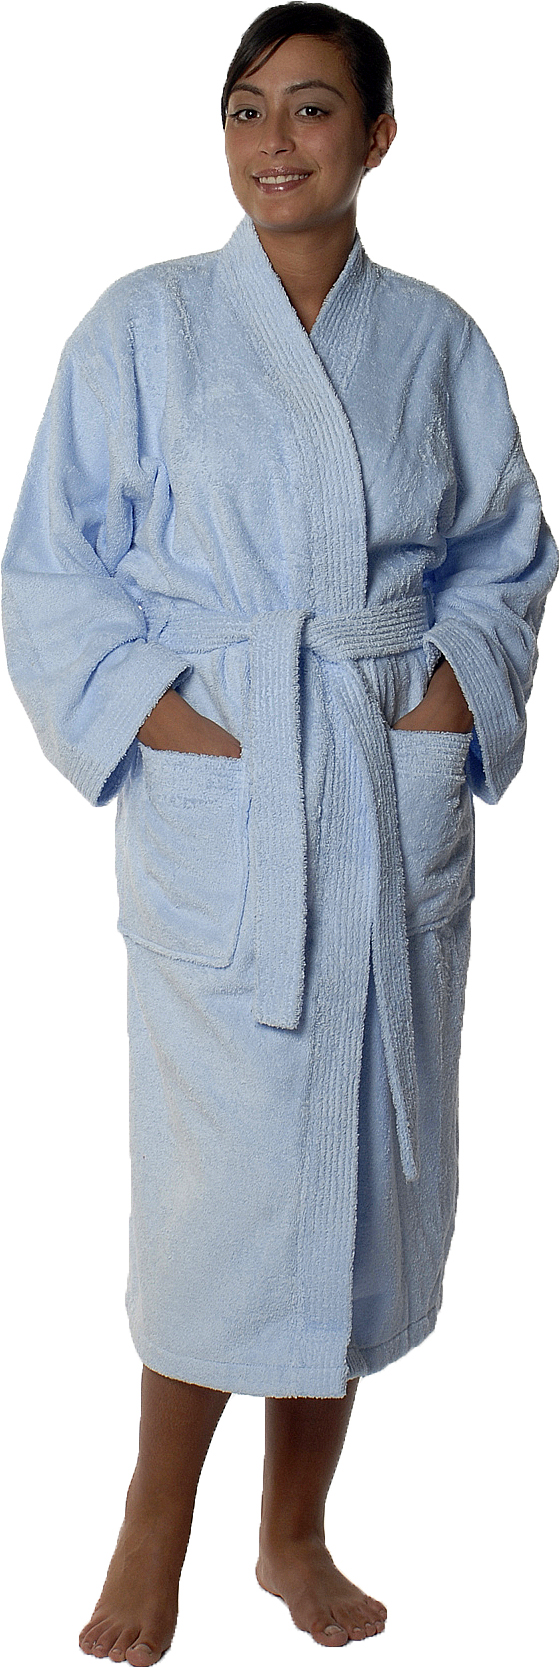 Peignoir col kimono en Coton couleur Ciel Taille L (Ciel)